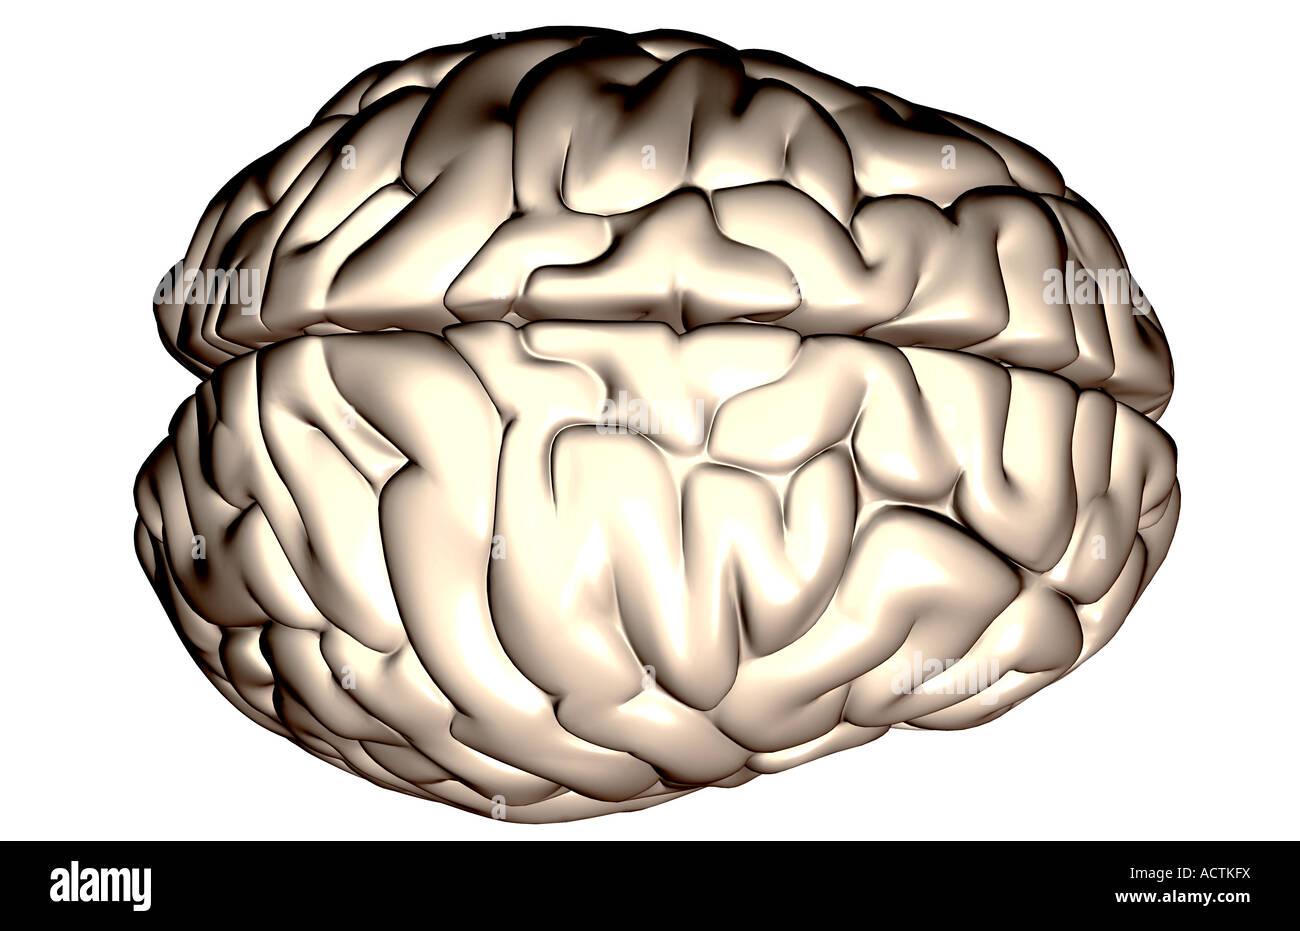 Cerebral Lobe Stockfotos & Cerebral Lobe Bilder - Alamy